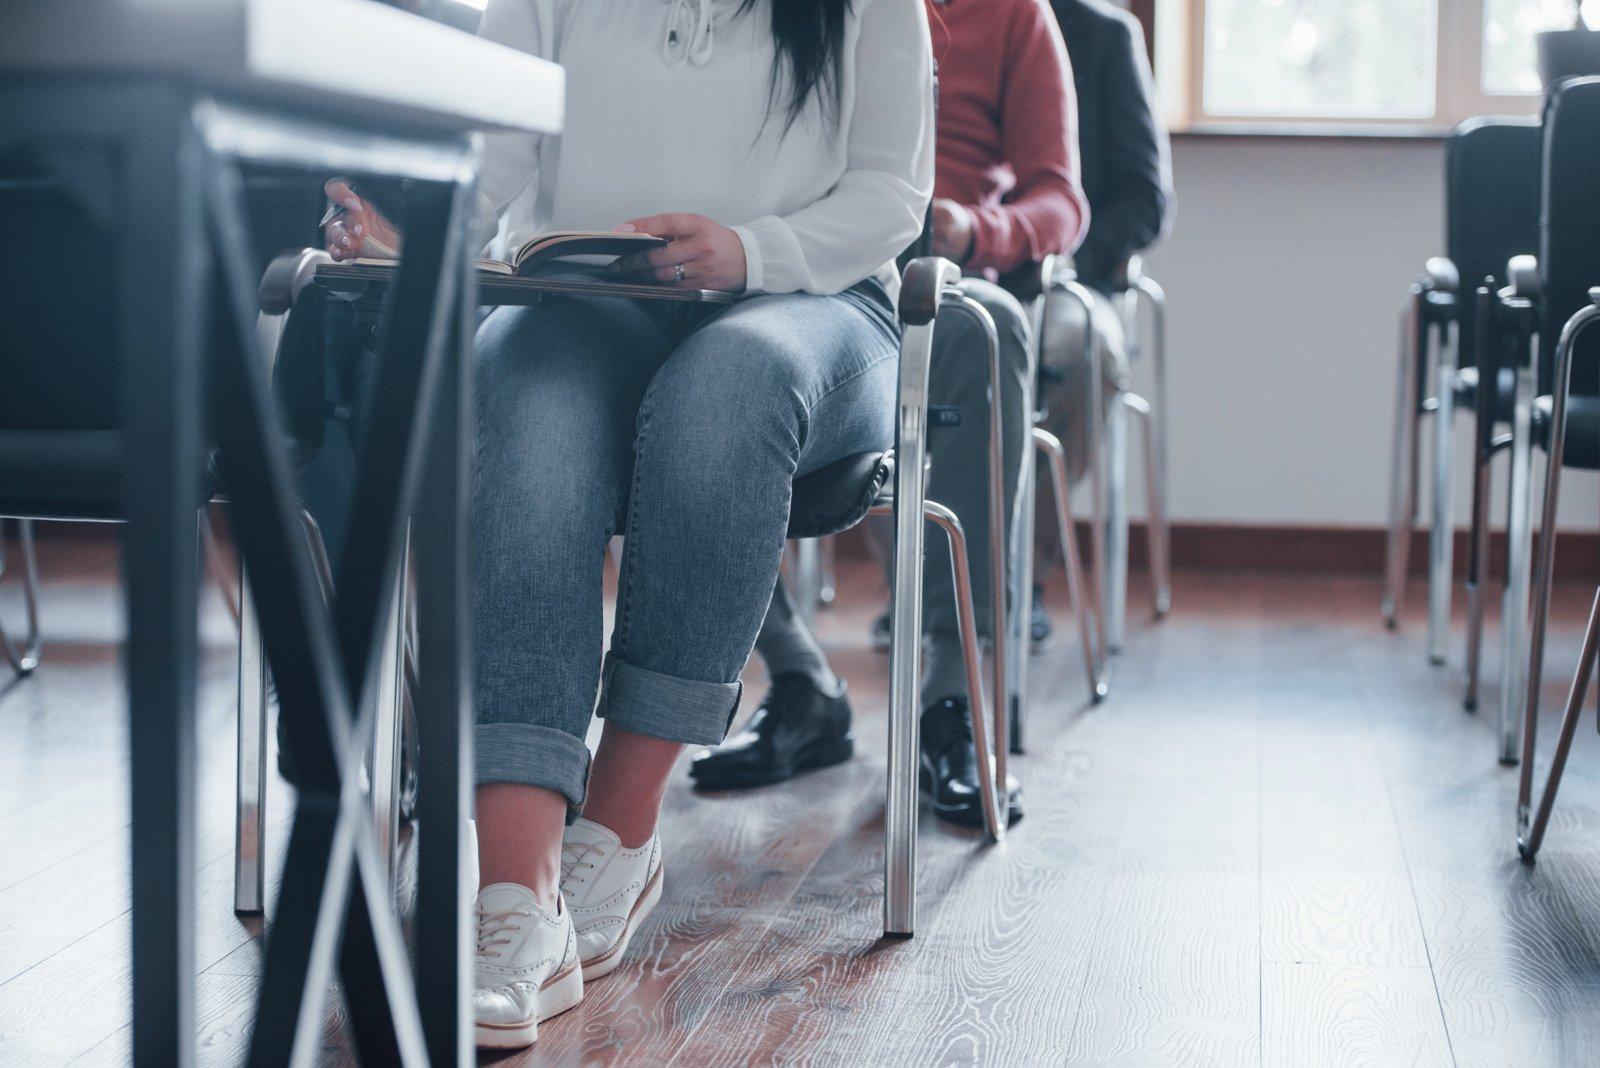 Nacionalinė švietimo agentūra siūlo rengti brandos egzaminus, bet su keliais pakeitimais